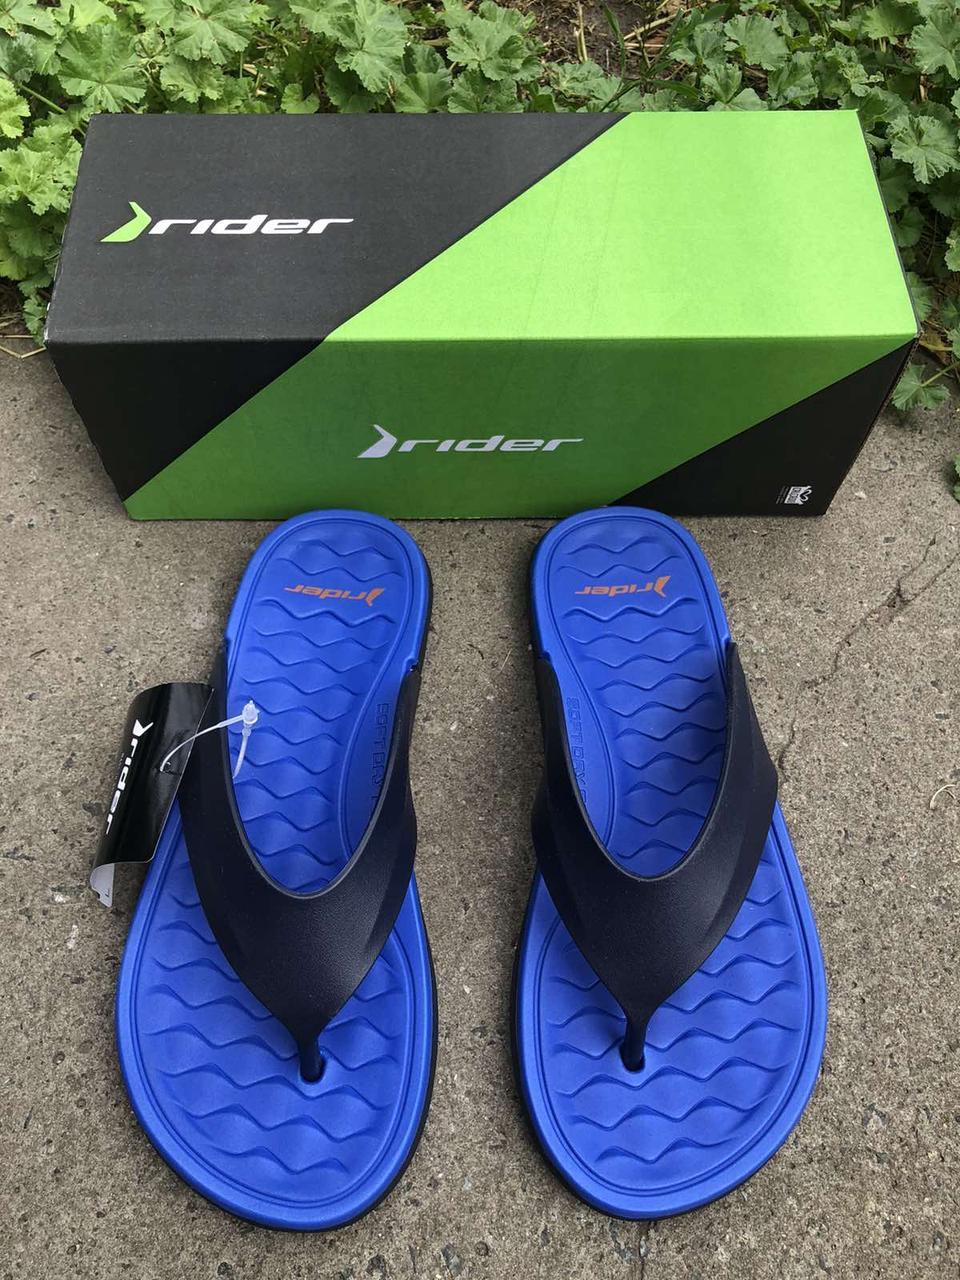 Rider Бразилія сині чоловічі в'єтнамки, шльопанці, пляжне взуття